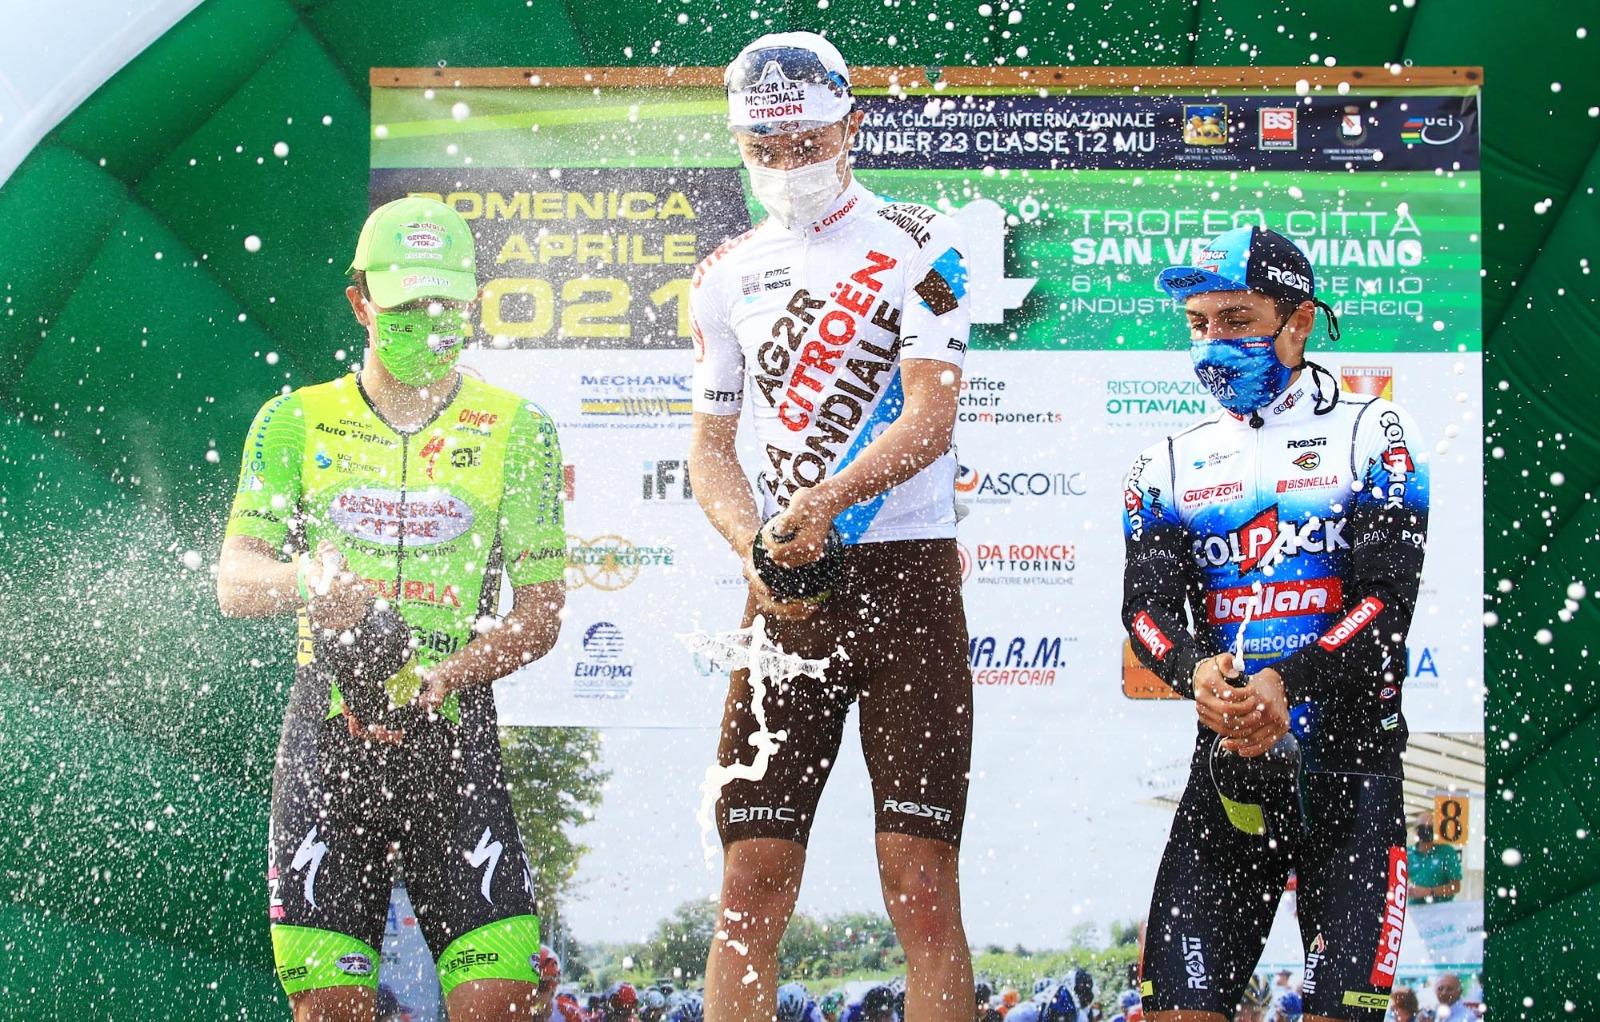 Mattia Petrucci festeggia il suo risultato di livello internazionale a San Vendemmiano